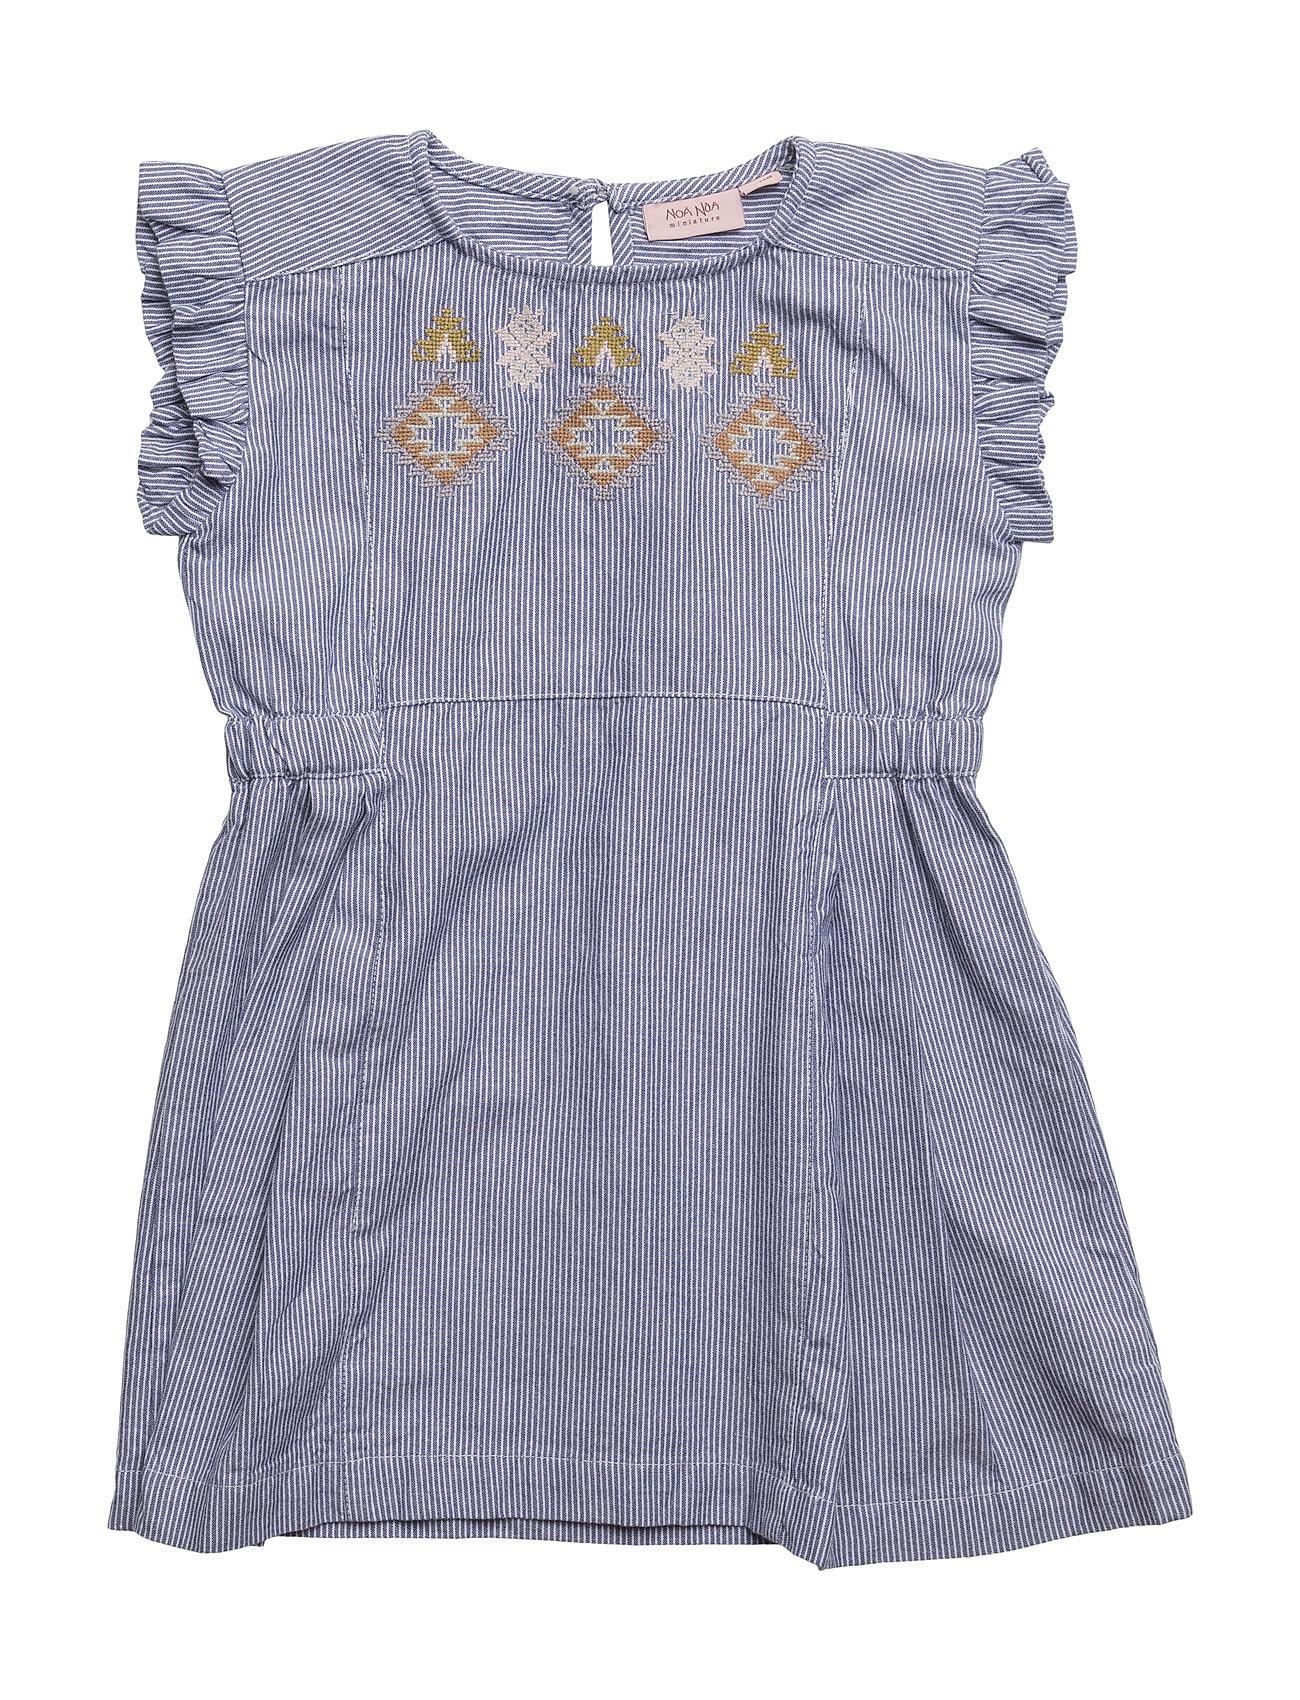 a81689e7a89 Køb Dress Short Sleeve Noa Noa Miniature Kjoler & Nederdele i til Piger hos  Boozt